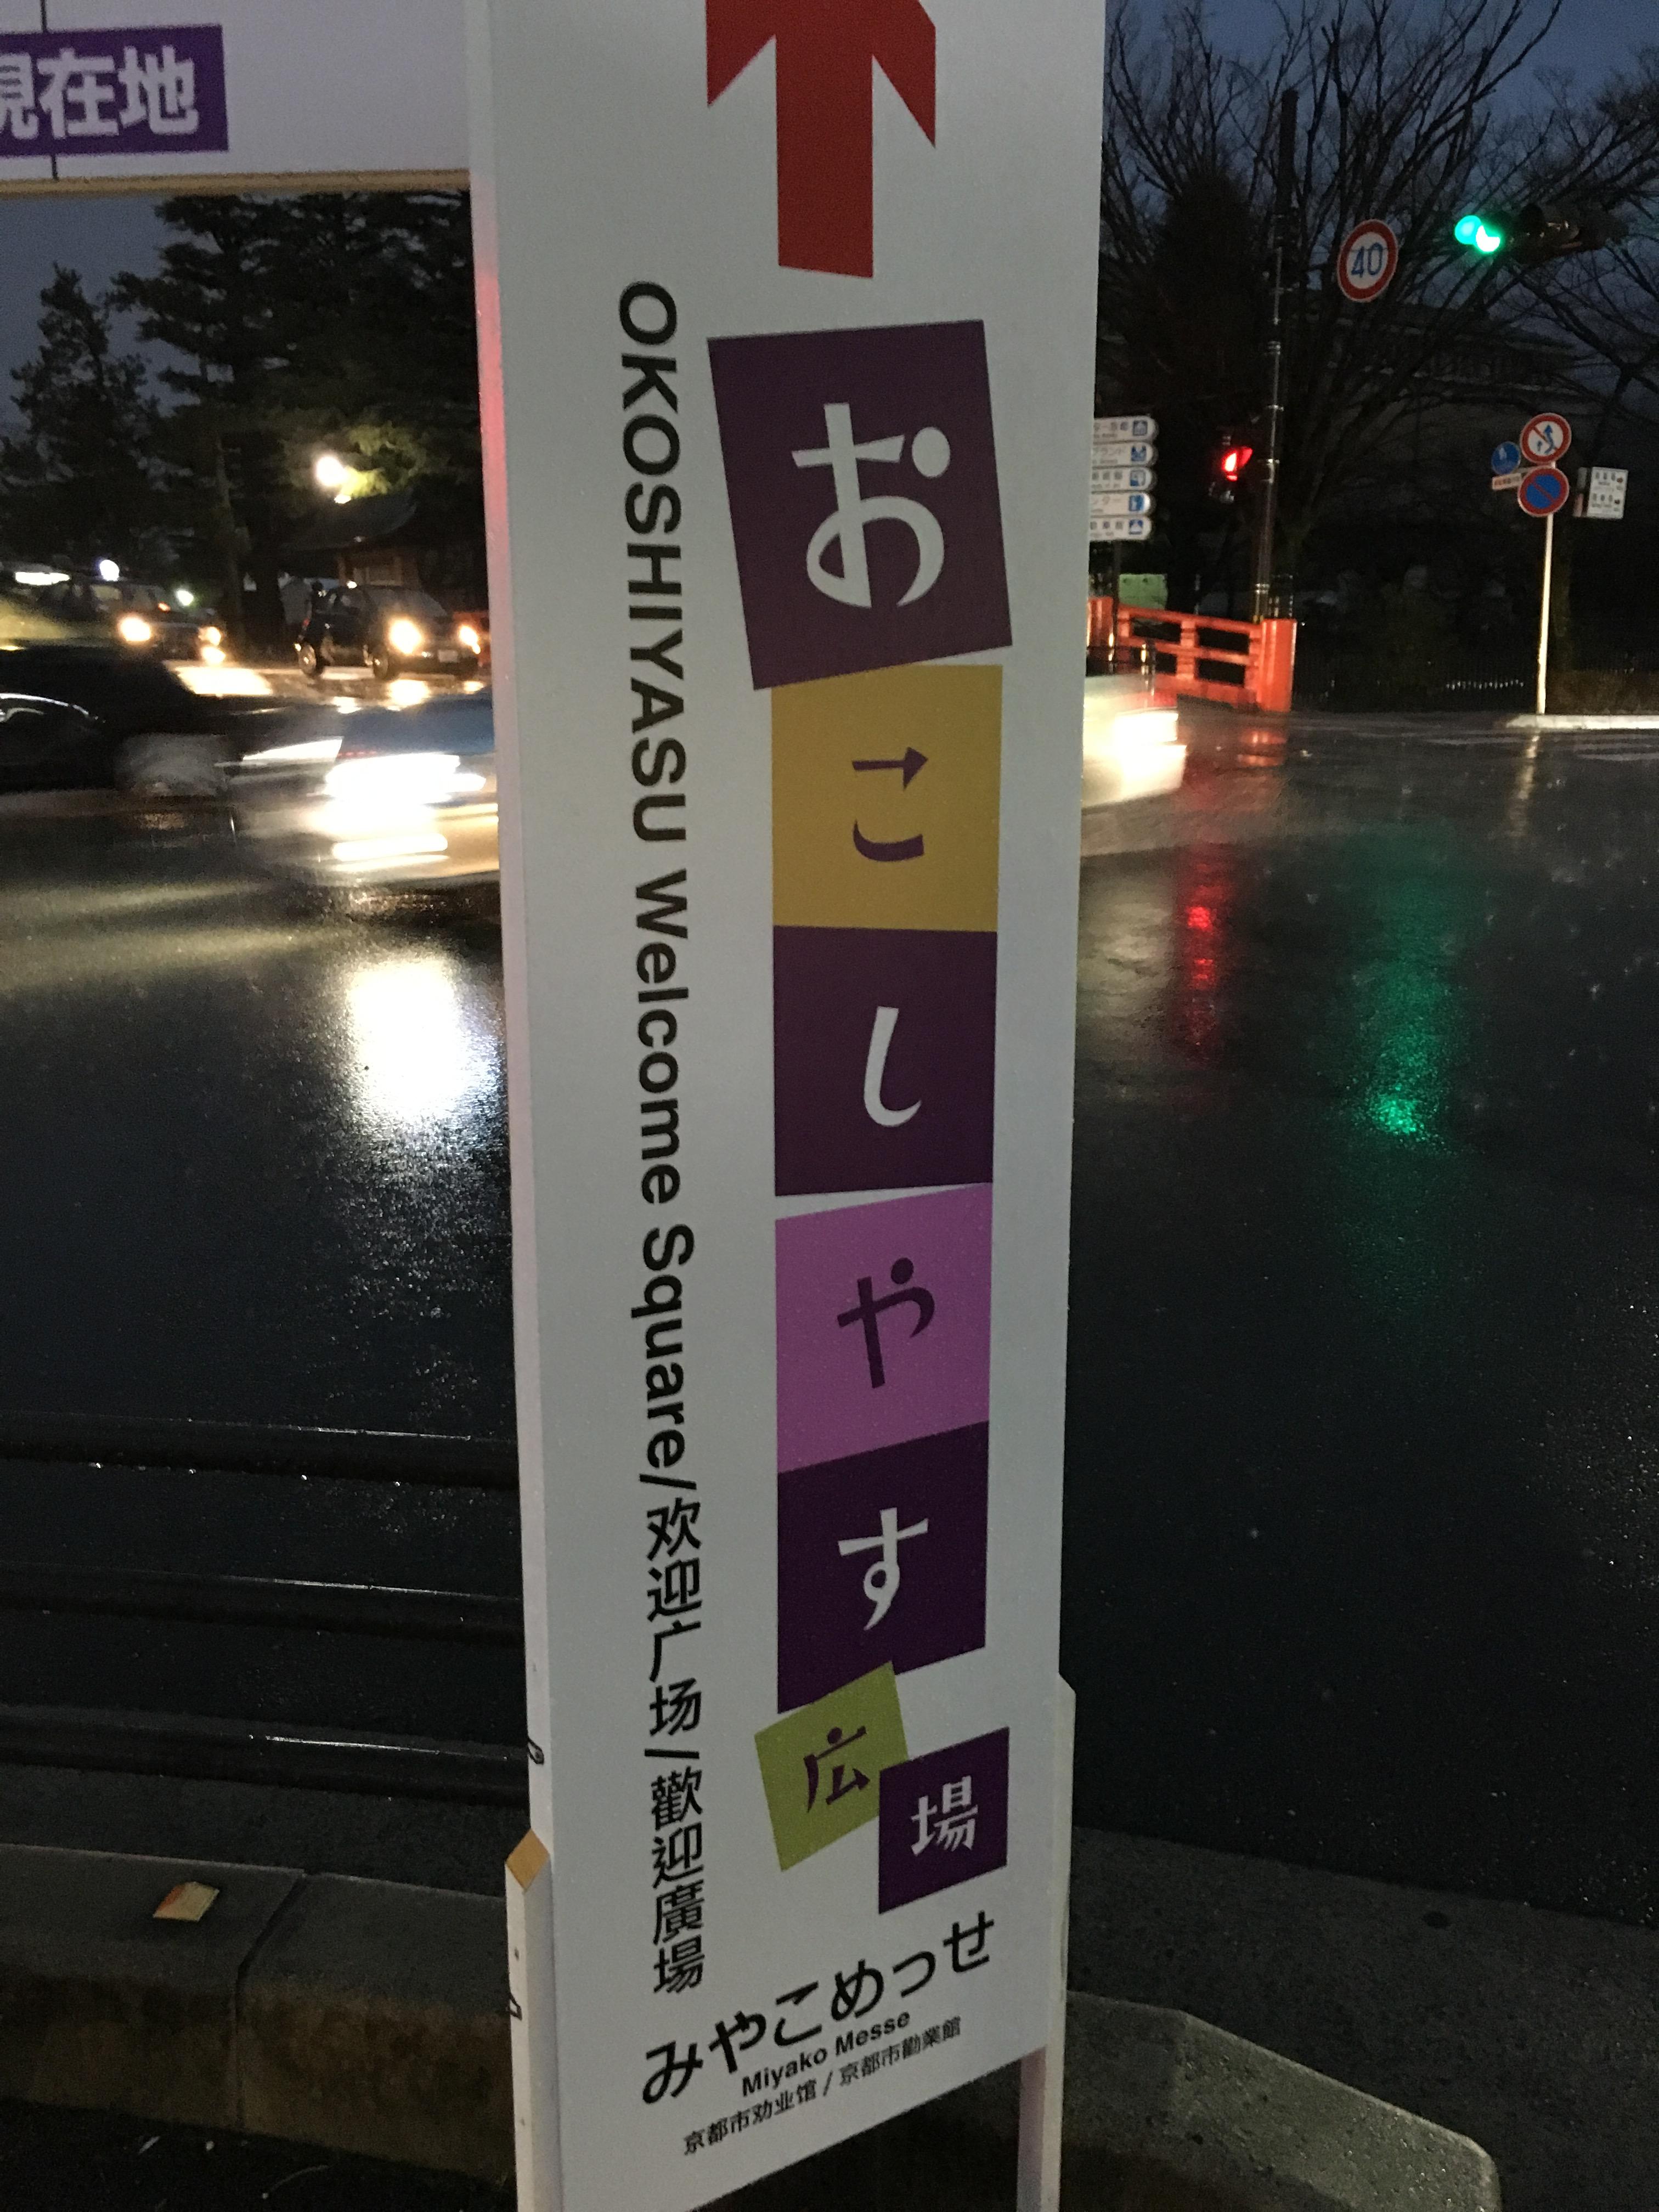 京都マラソン2016レポートその1~受付は土曜日18時に行こう~